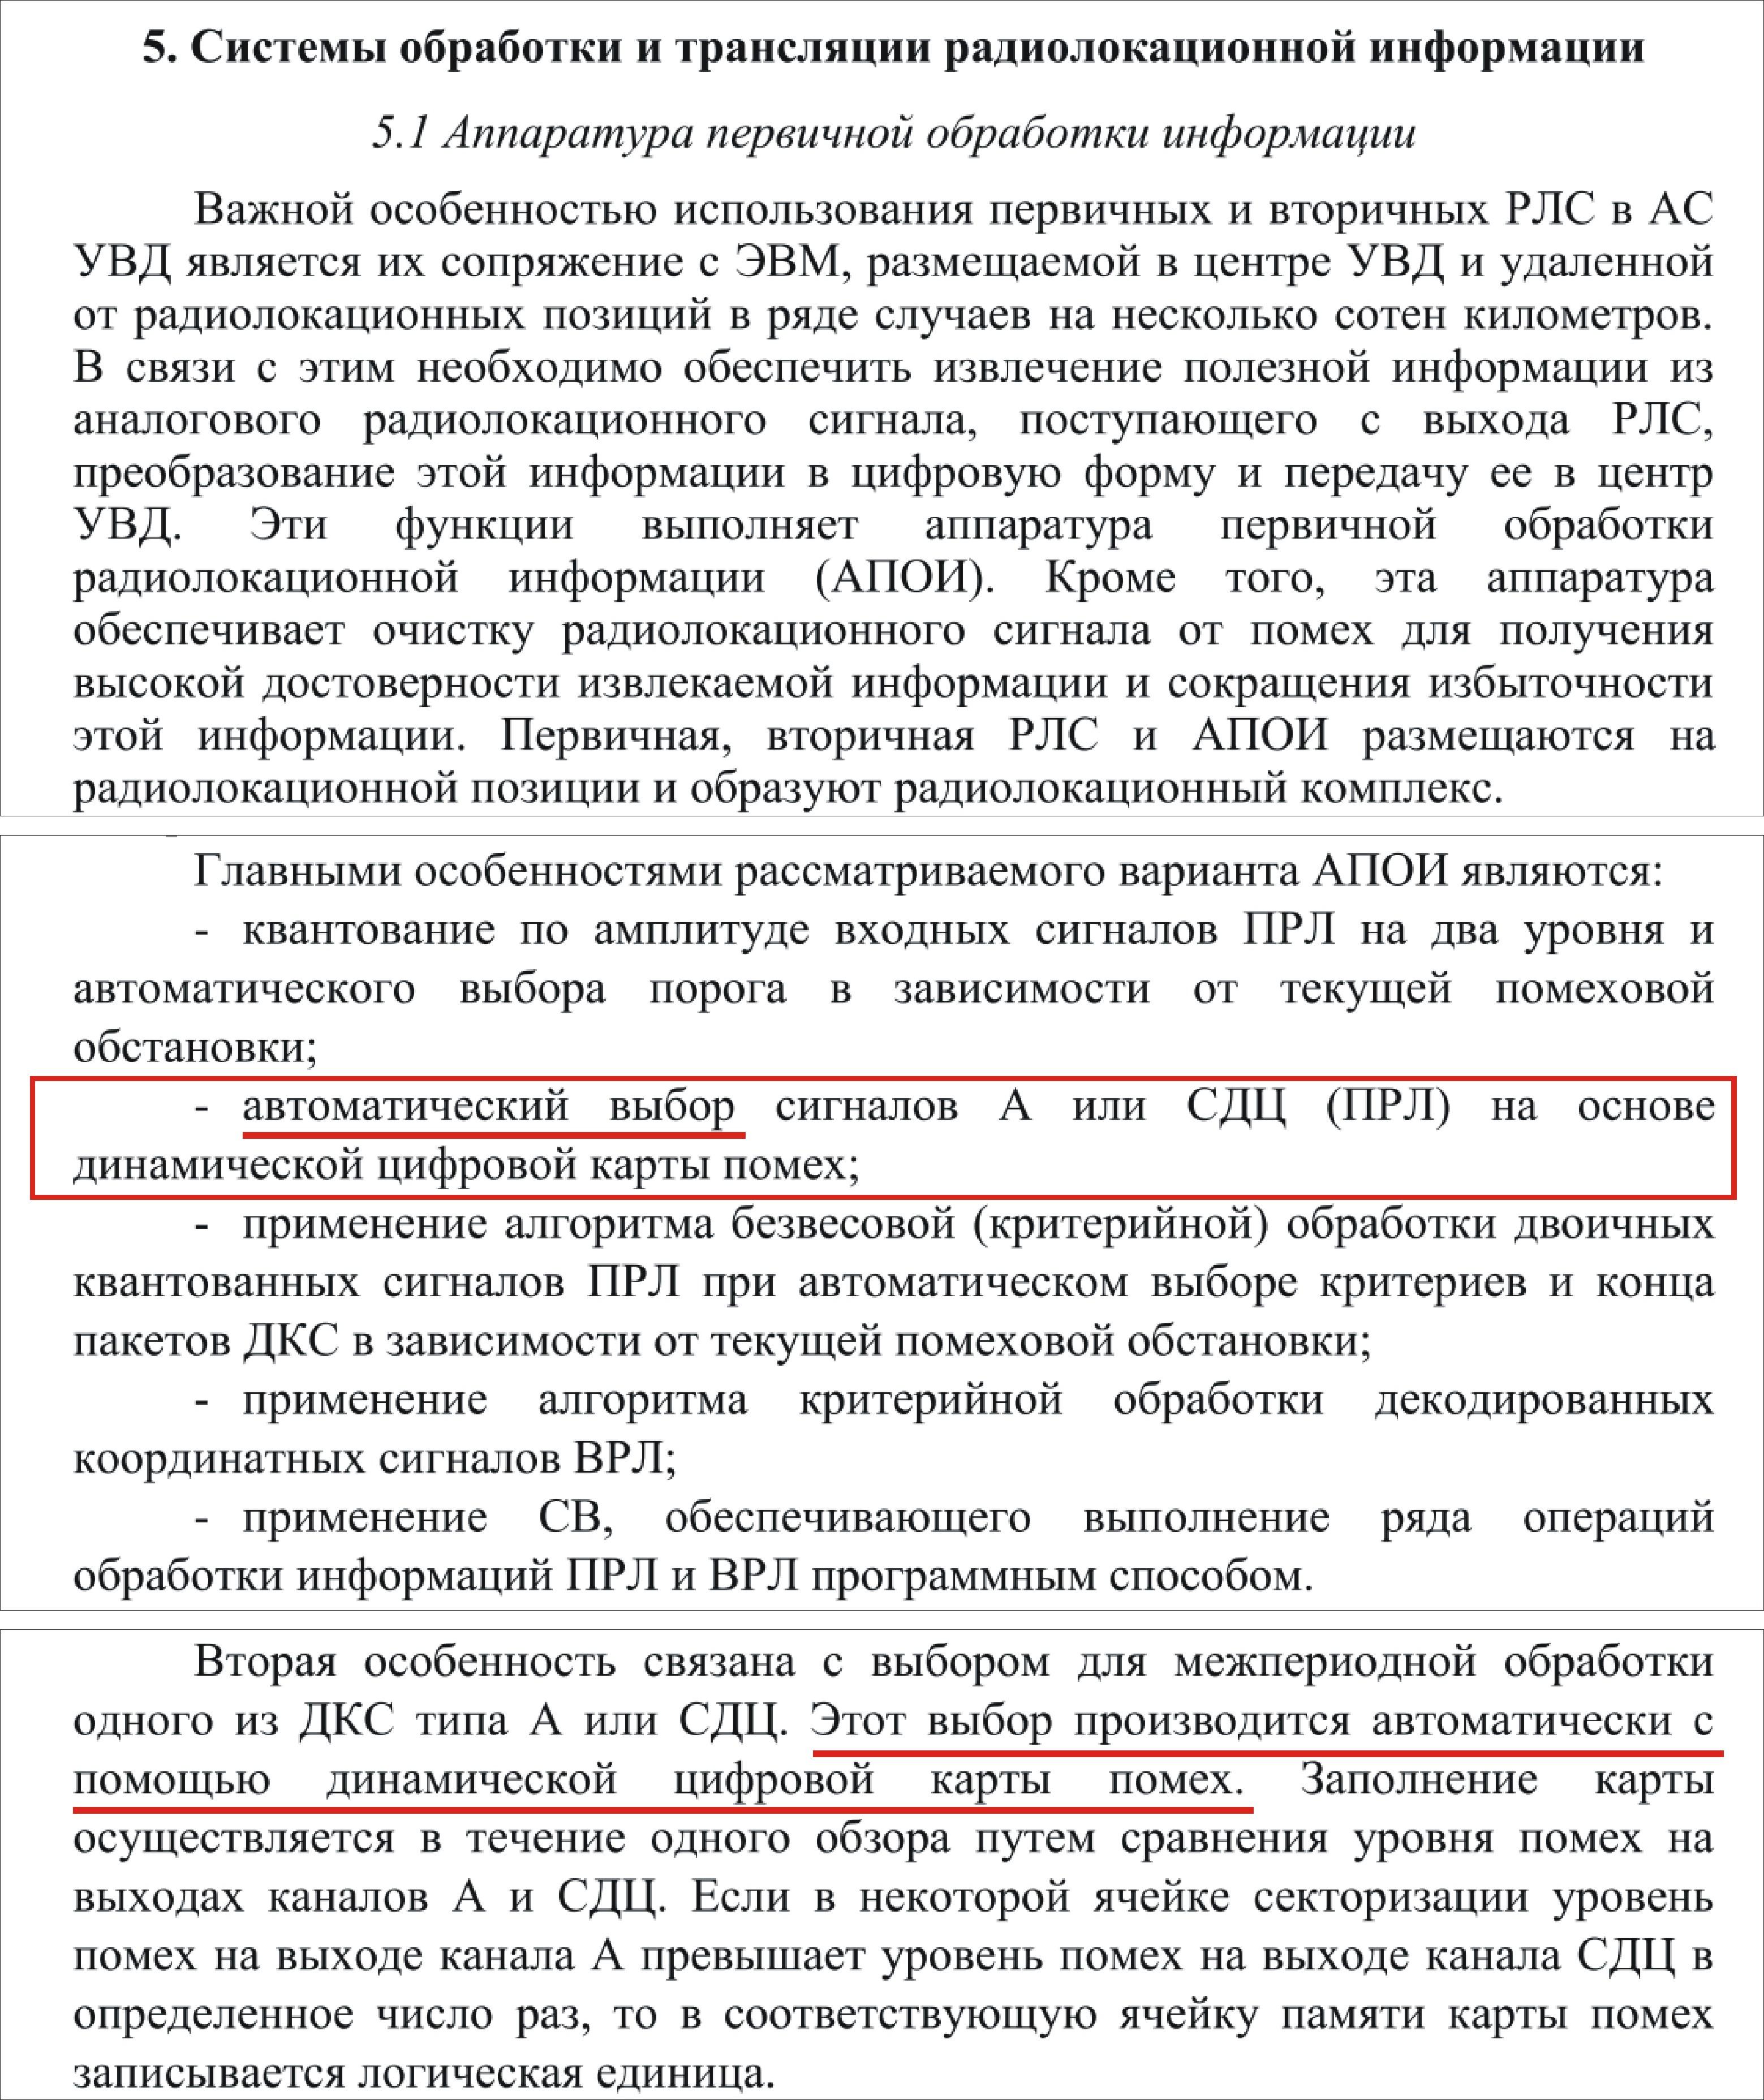 http://images.vfl.ru/ii/1586514998/ffca812a/30158728.jpg